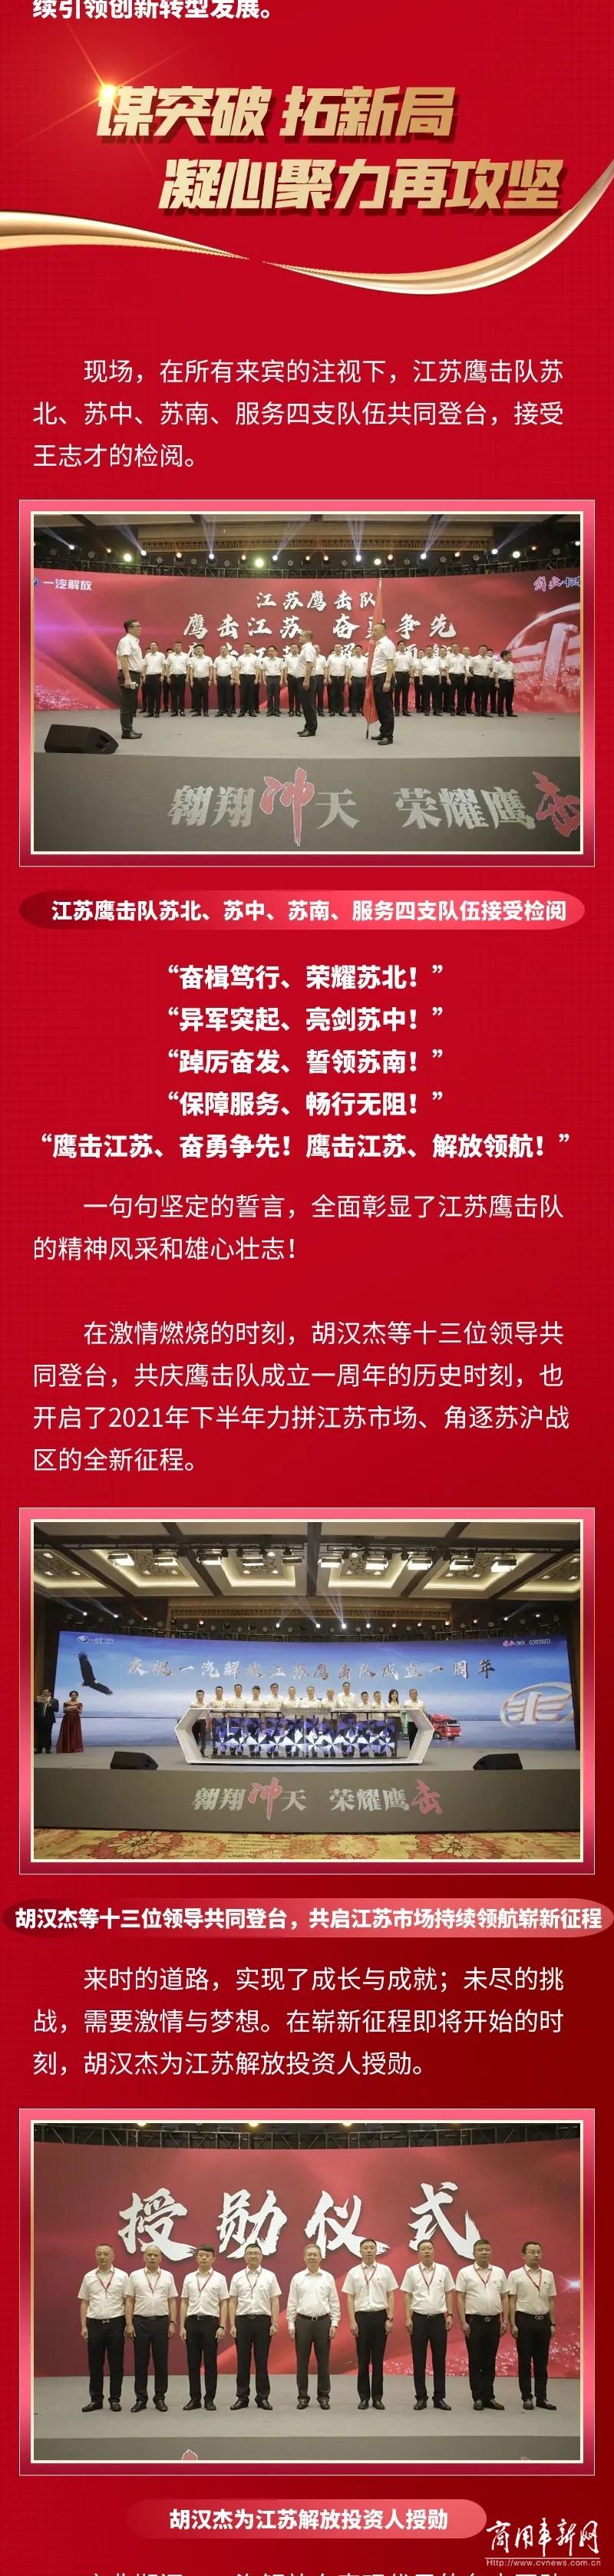 江苏鹰击队半年销量破万,百分百的解放动力芯